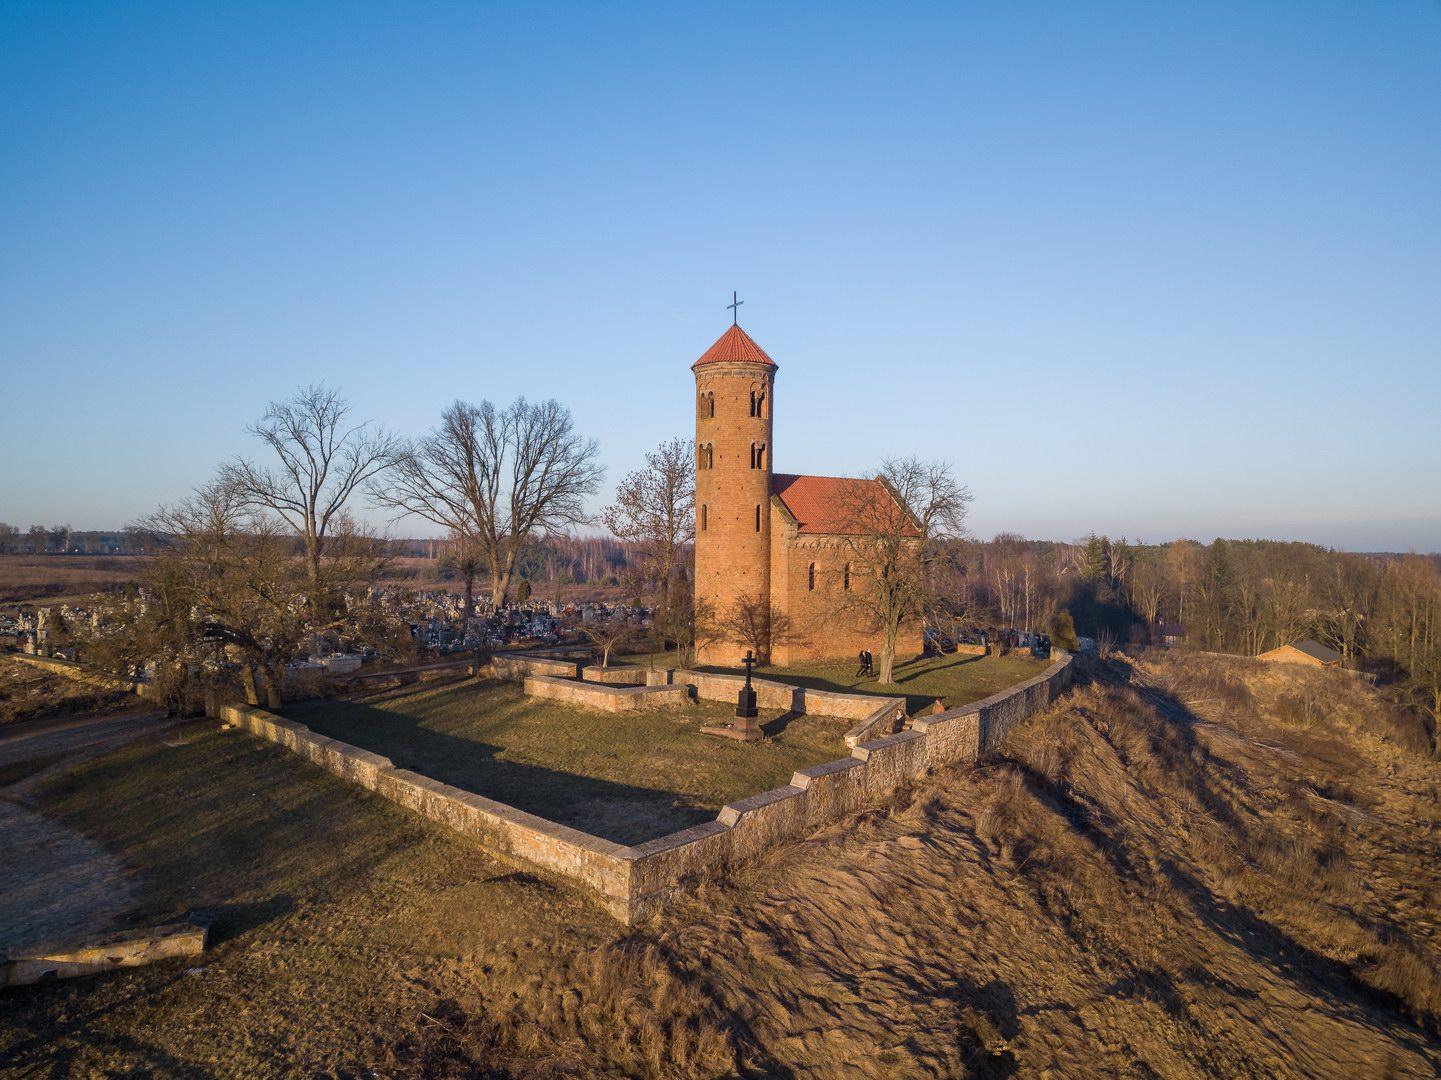 Wycieczka rowerowa do Spały i Inowłodza - Kościół Św. Idziego w Inowłodzu